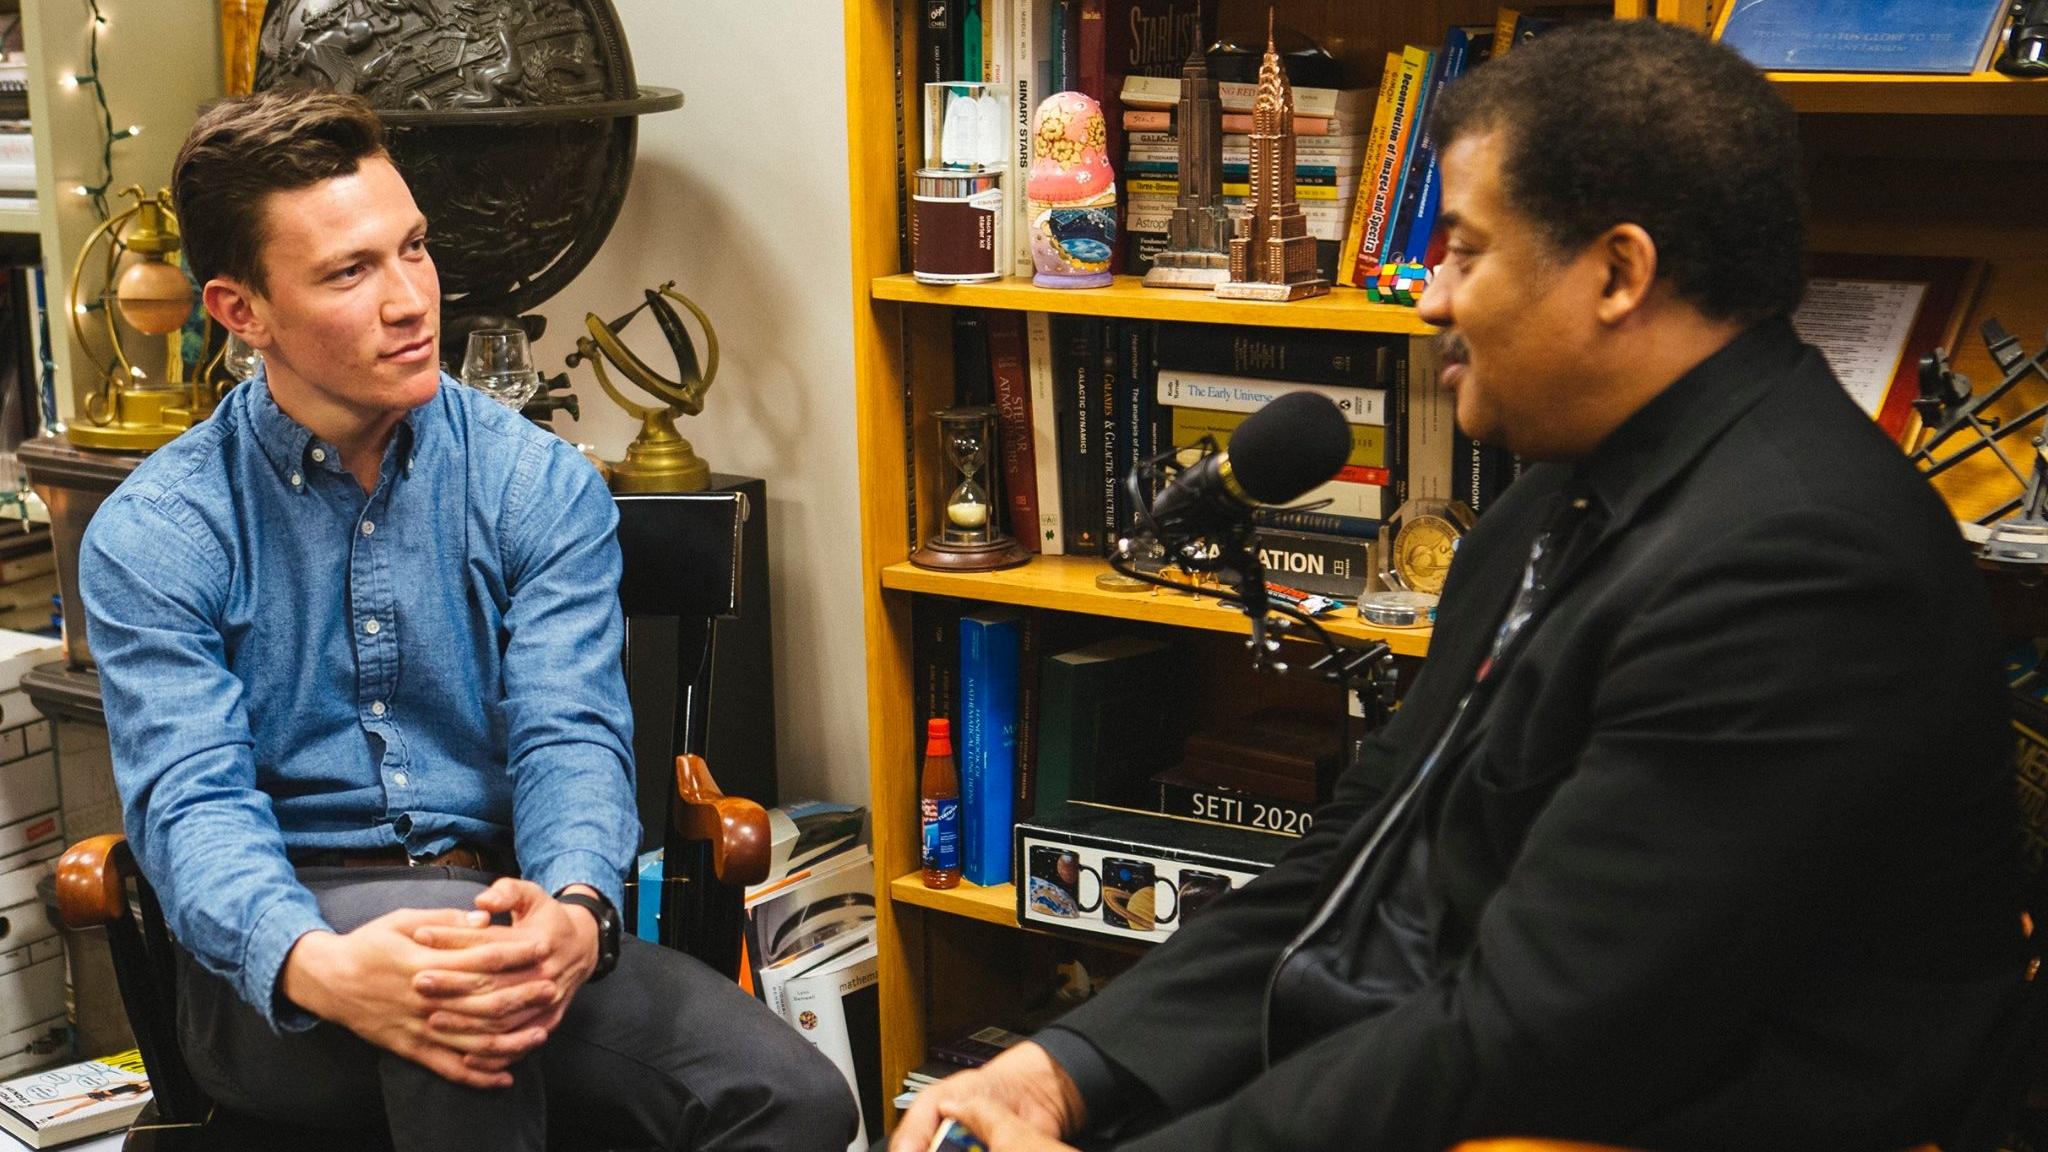 Interviewing Neil deGrasse Tyson